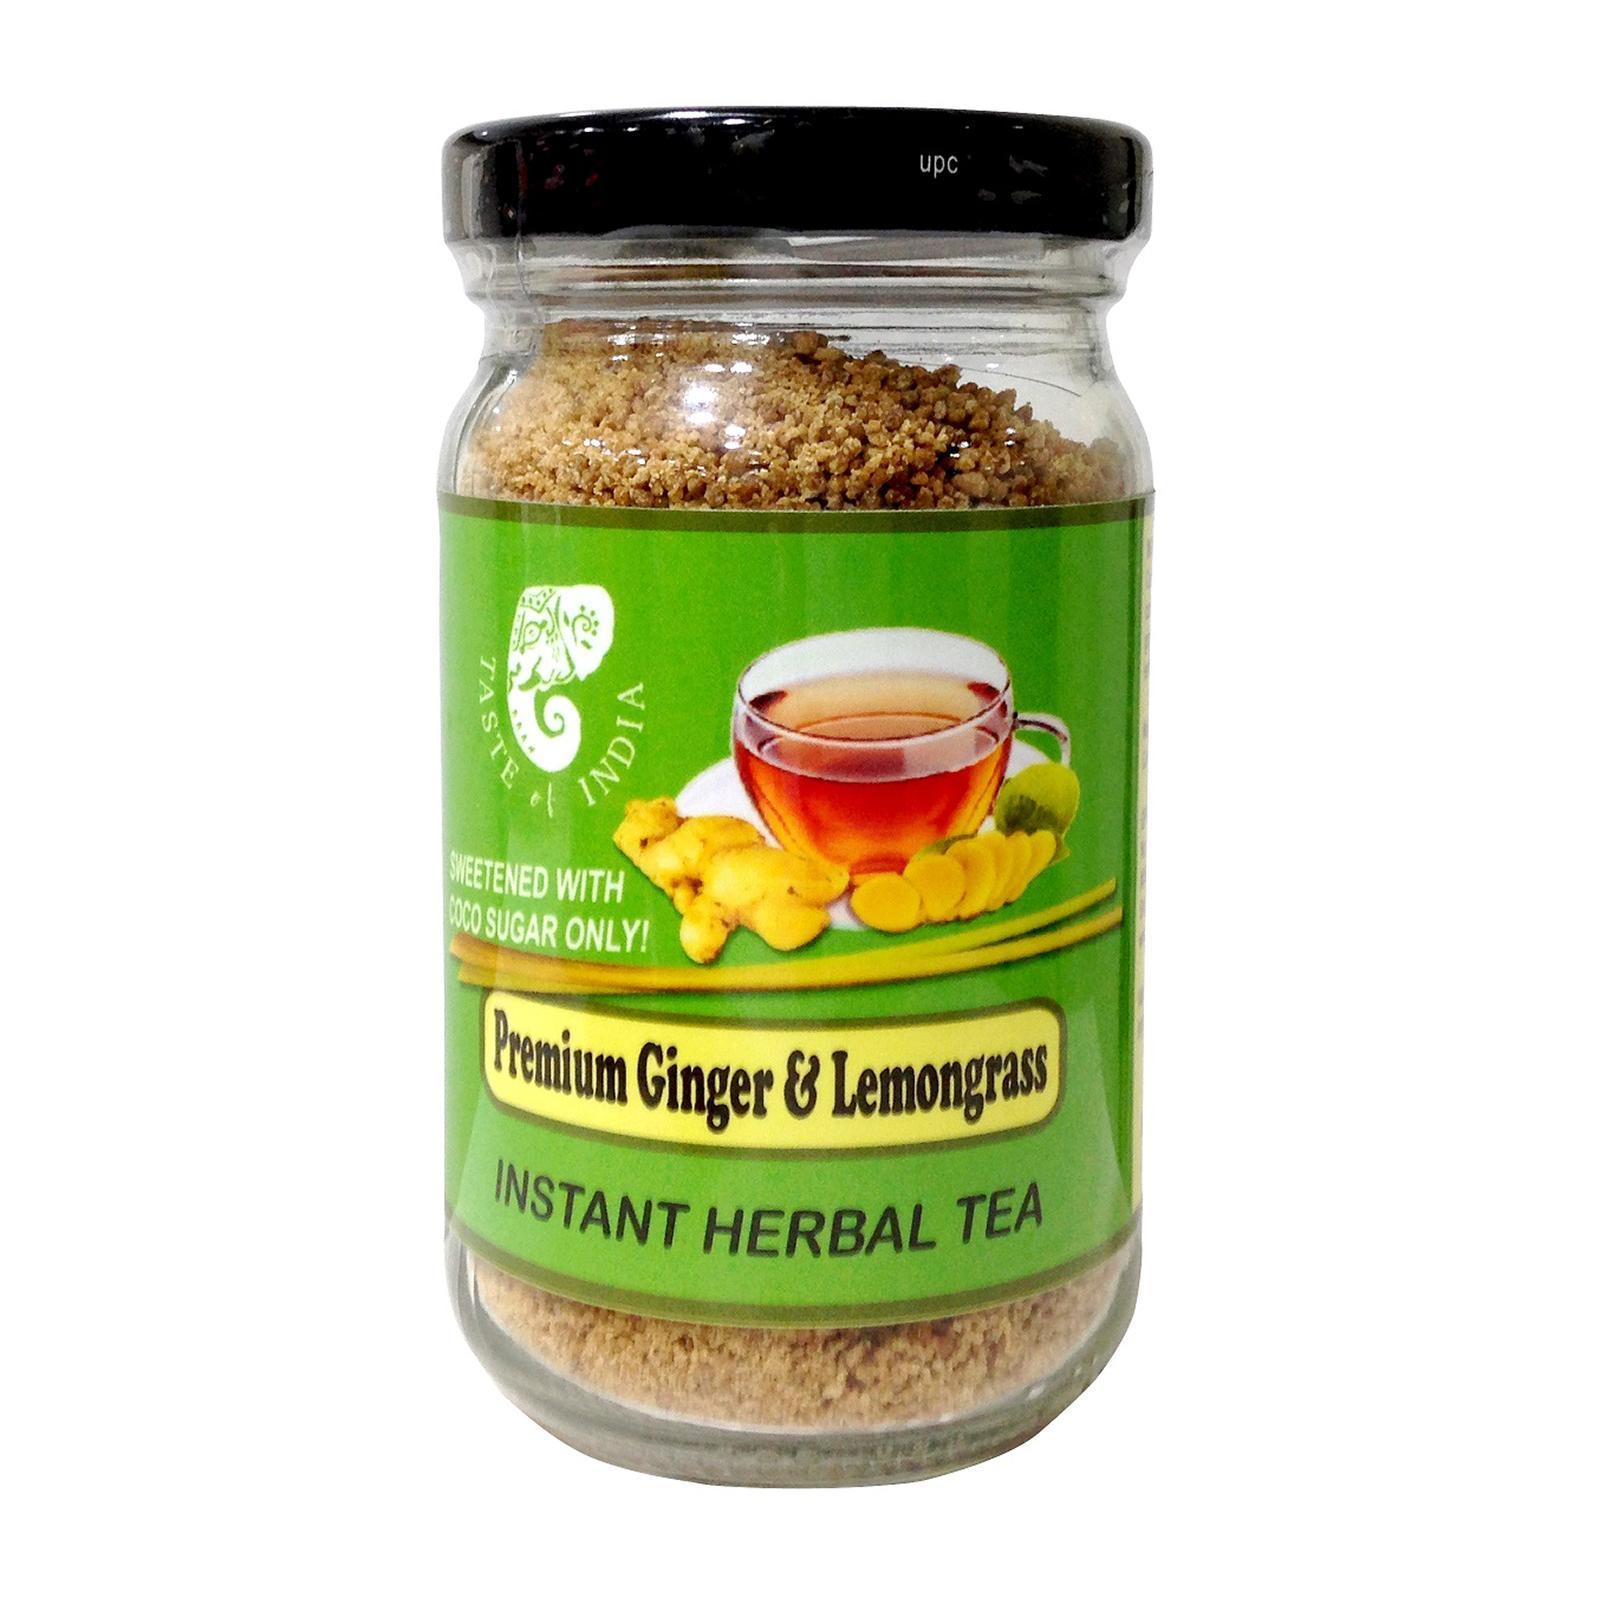 Taste Of India Premium Ginger And Lemongrass Instant Herbal Tea